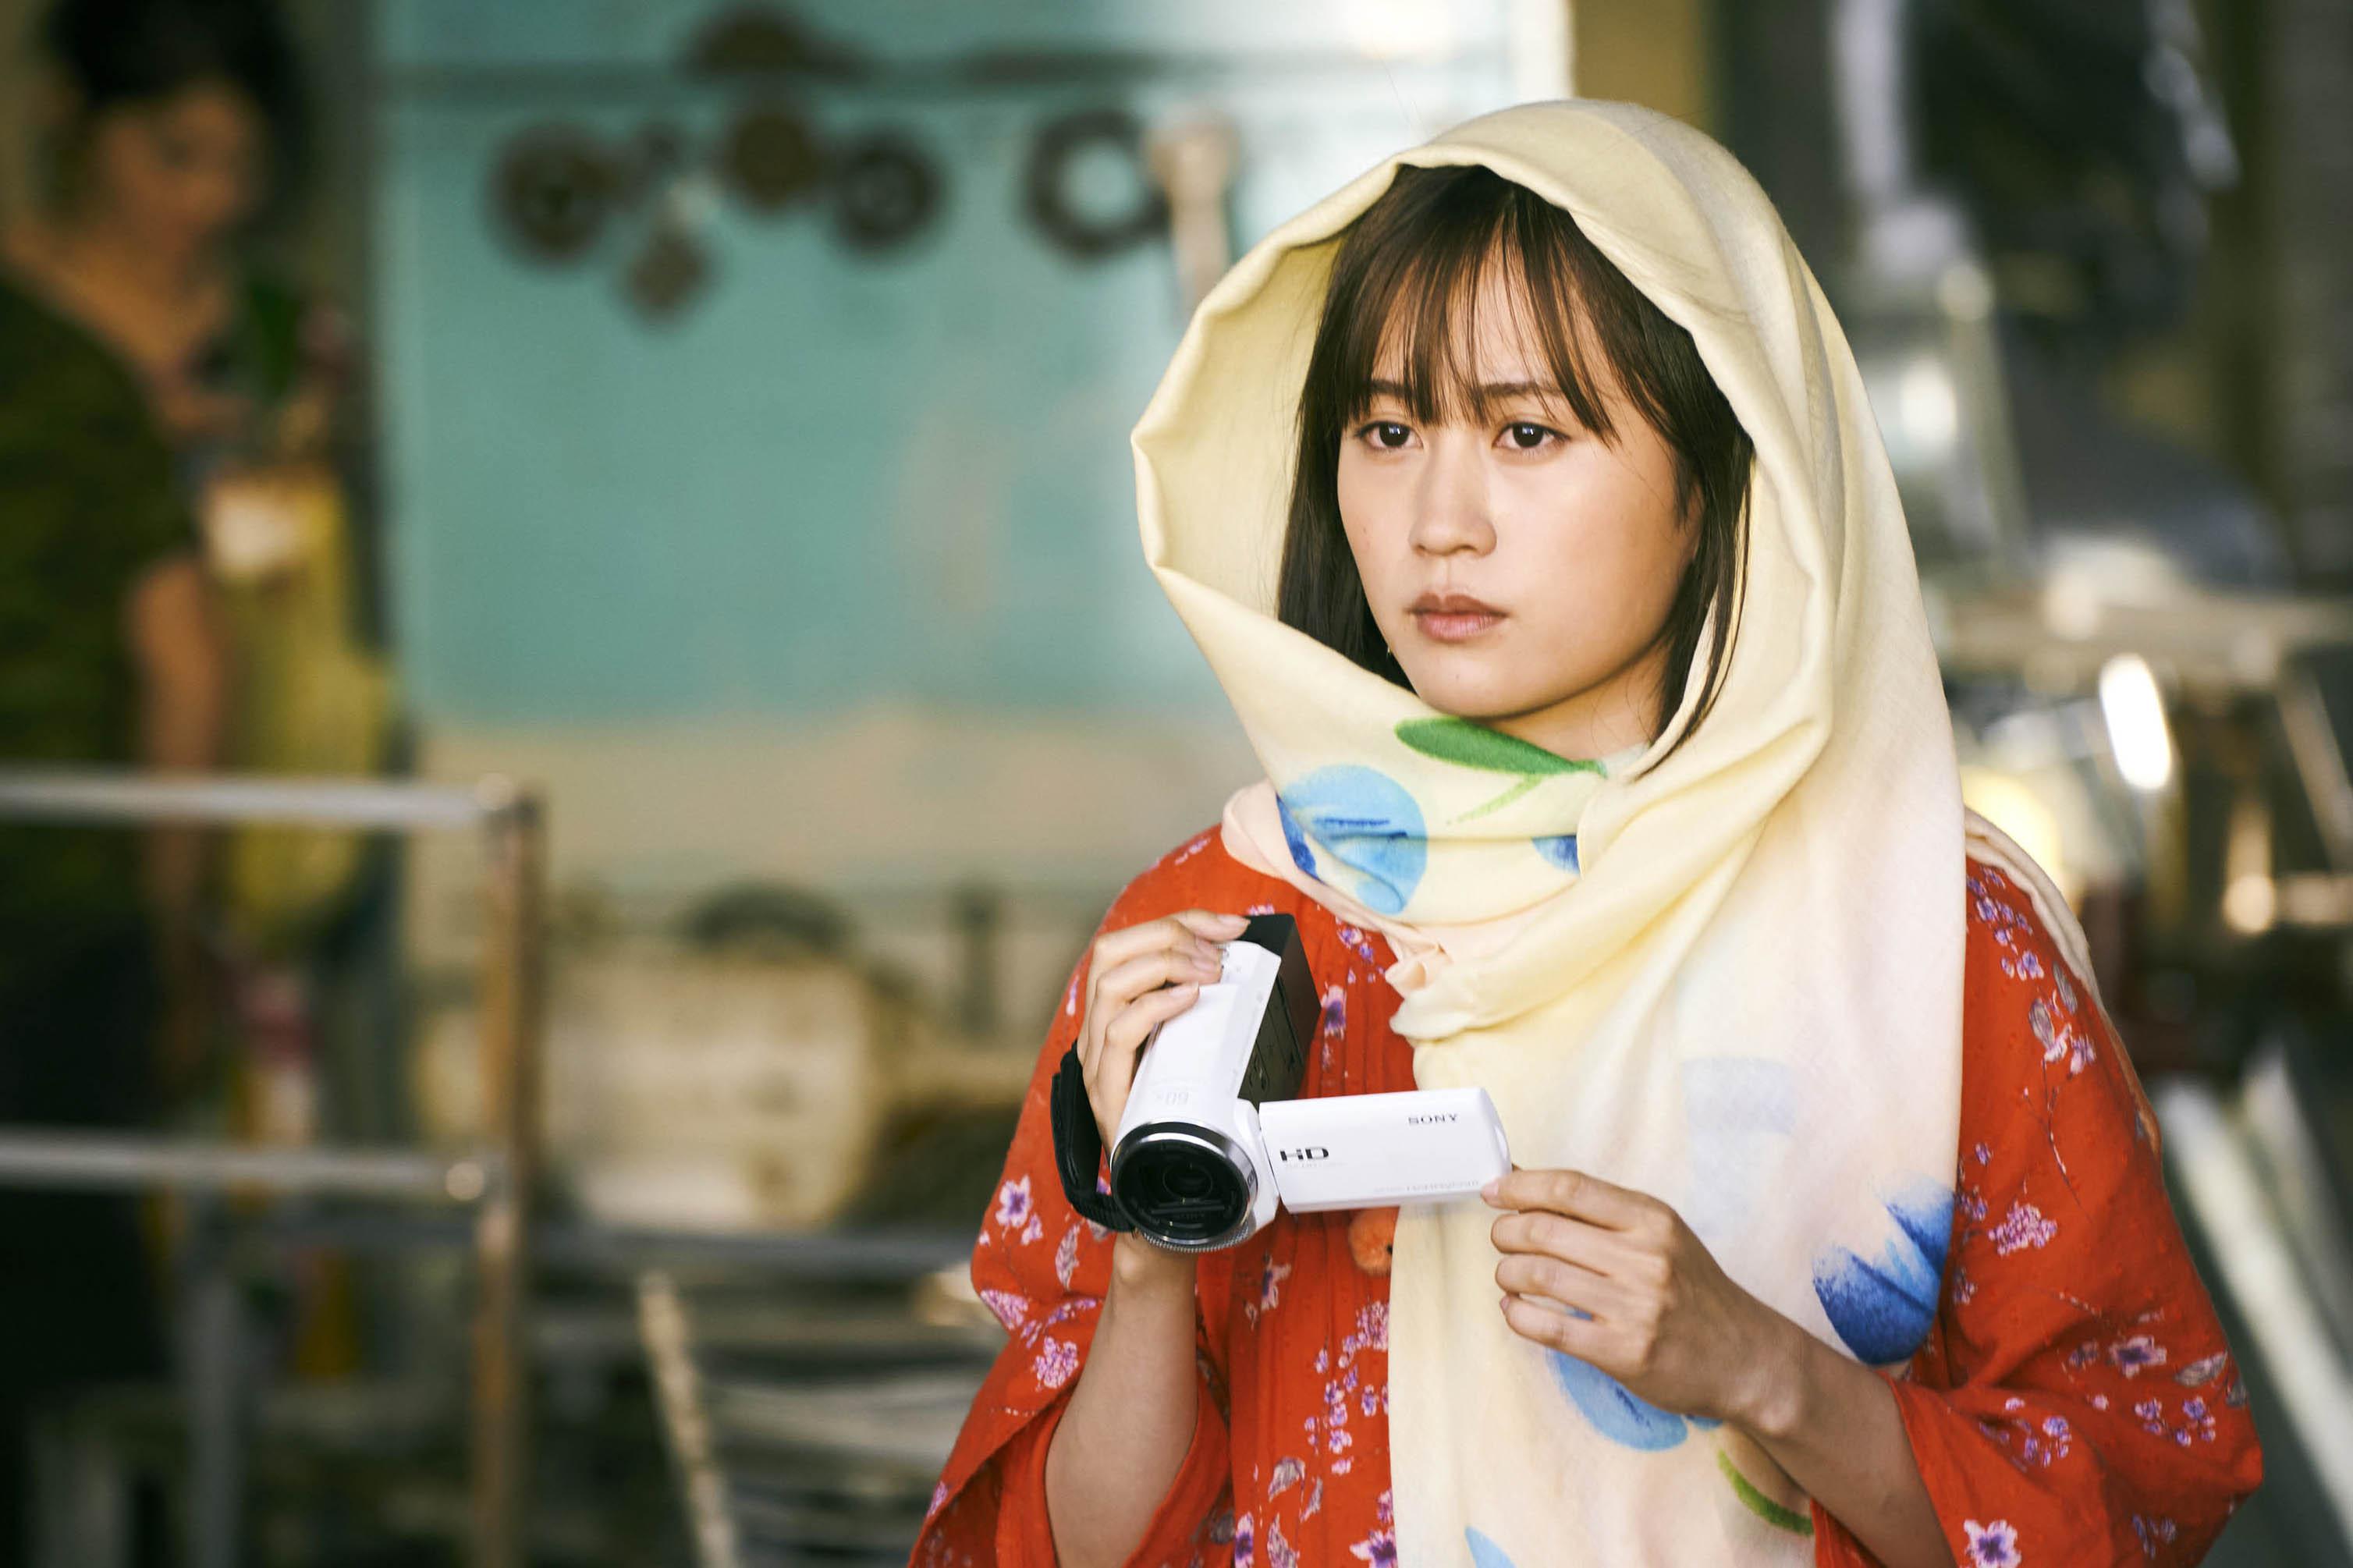 映画『旅のおわり世界のはじまり』前田敦子さん